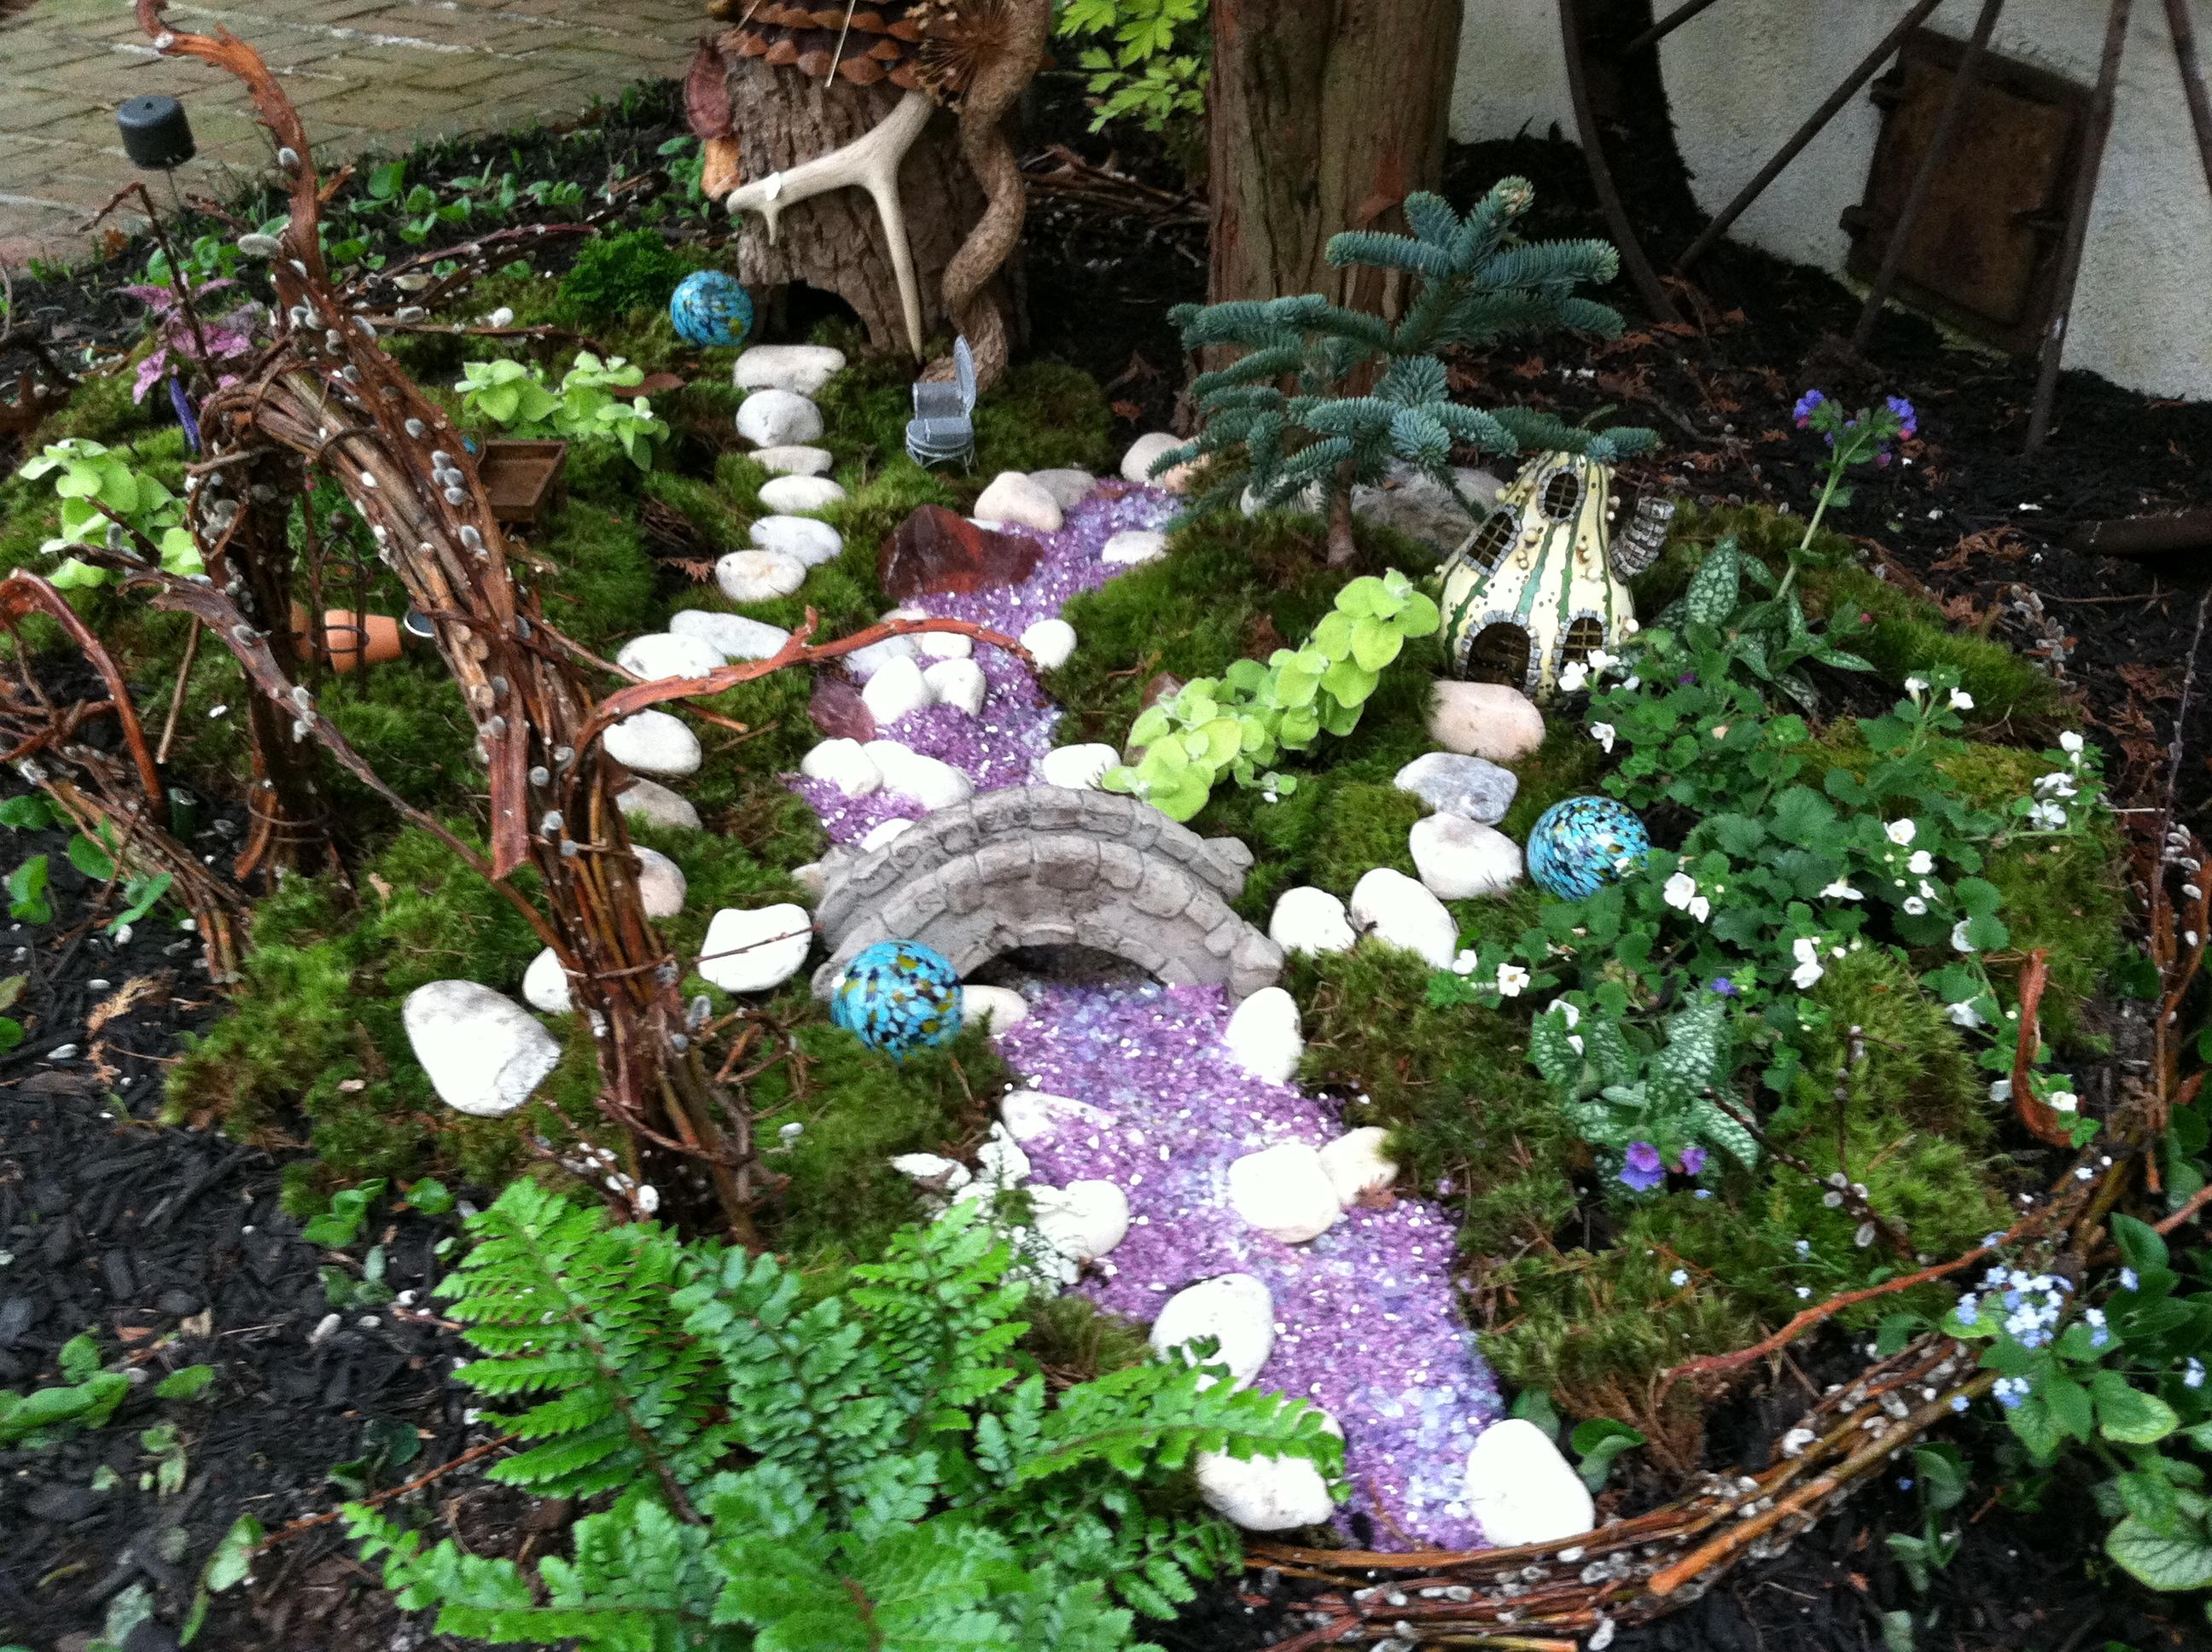 Outdoor fairy garden go wild the garden diaries for Fairy garden ideas pictures